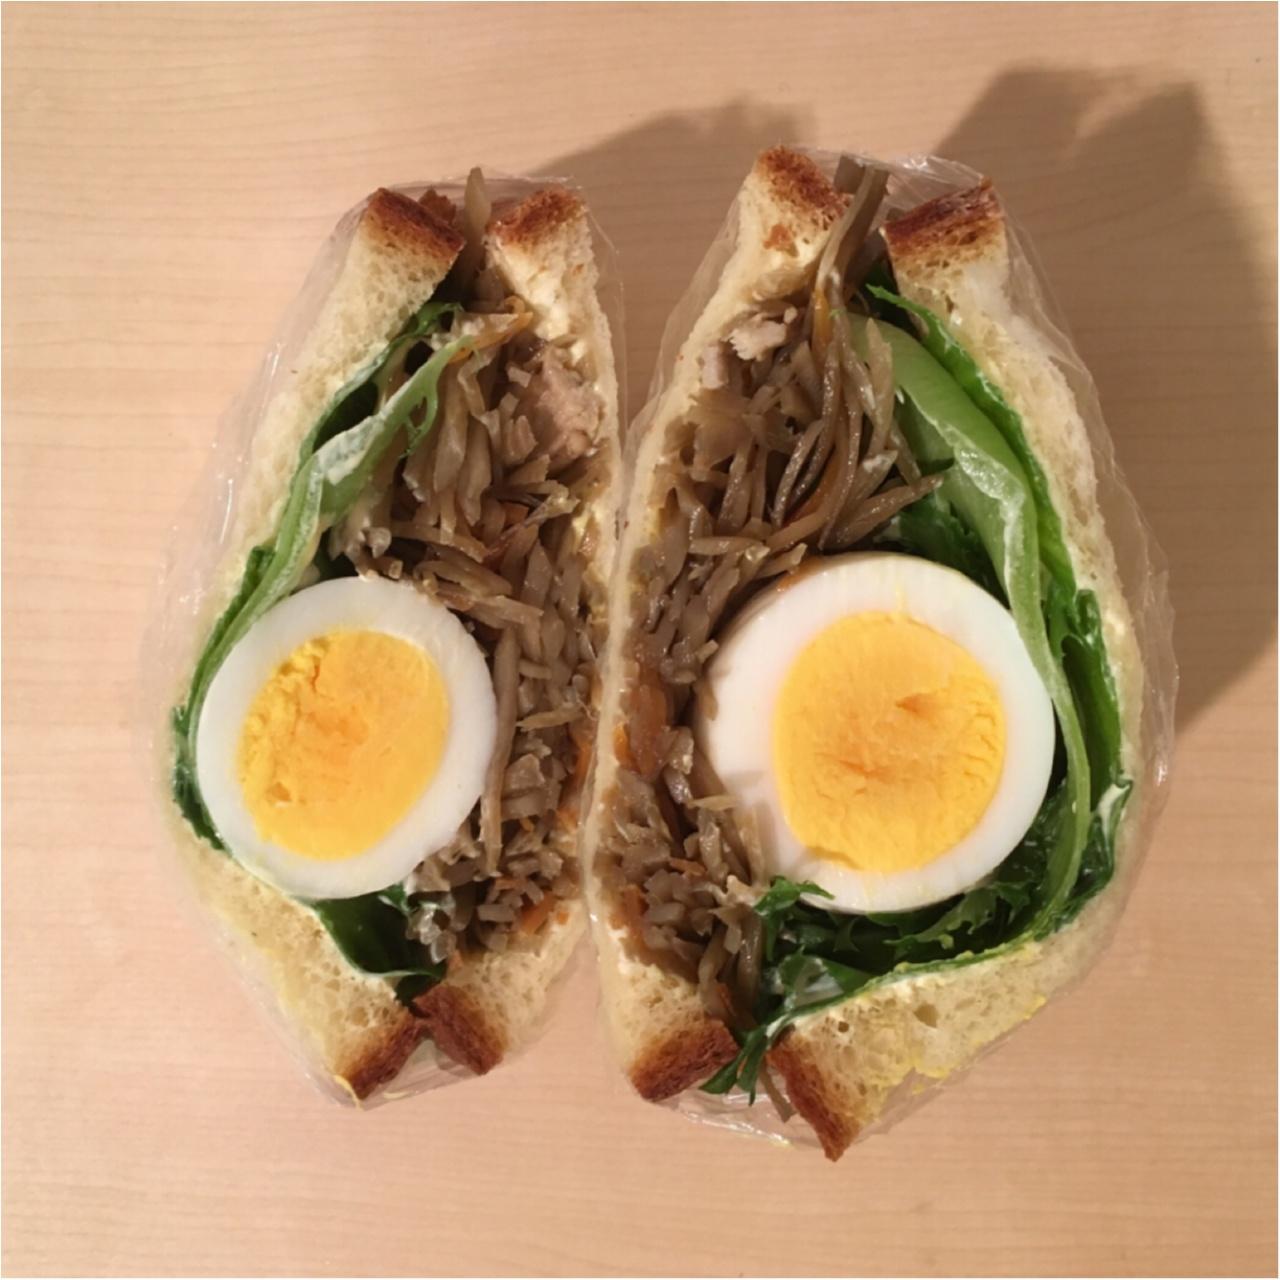 【料理▶はる断サンド☺】#萌え断シリーズ第2弾★朝から栄養満点♪オススメ朝ごパン_2